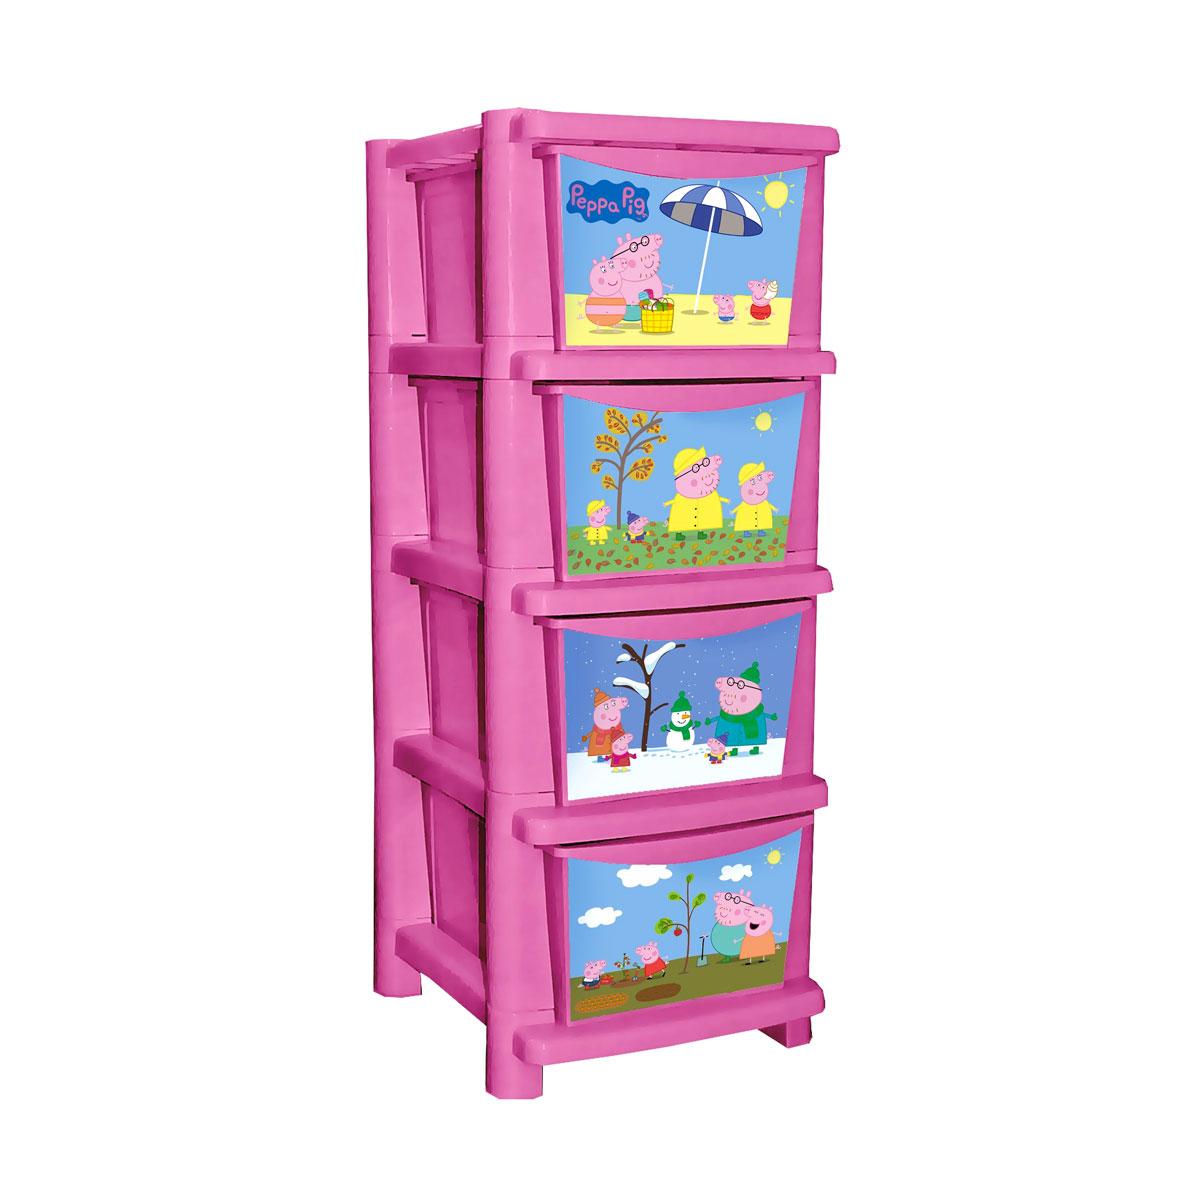 Комод для детской комнаты Обучайка - Свинка Пеппа, розовыйКорзины для игрушек<br>Комод для детской комнаты Обучайка - Свинка Пеппа, розовый<br>